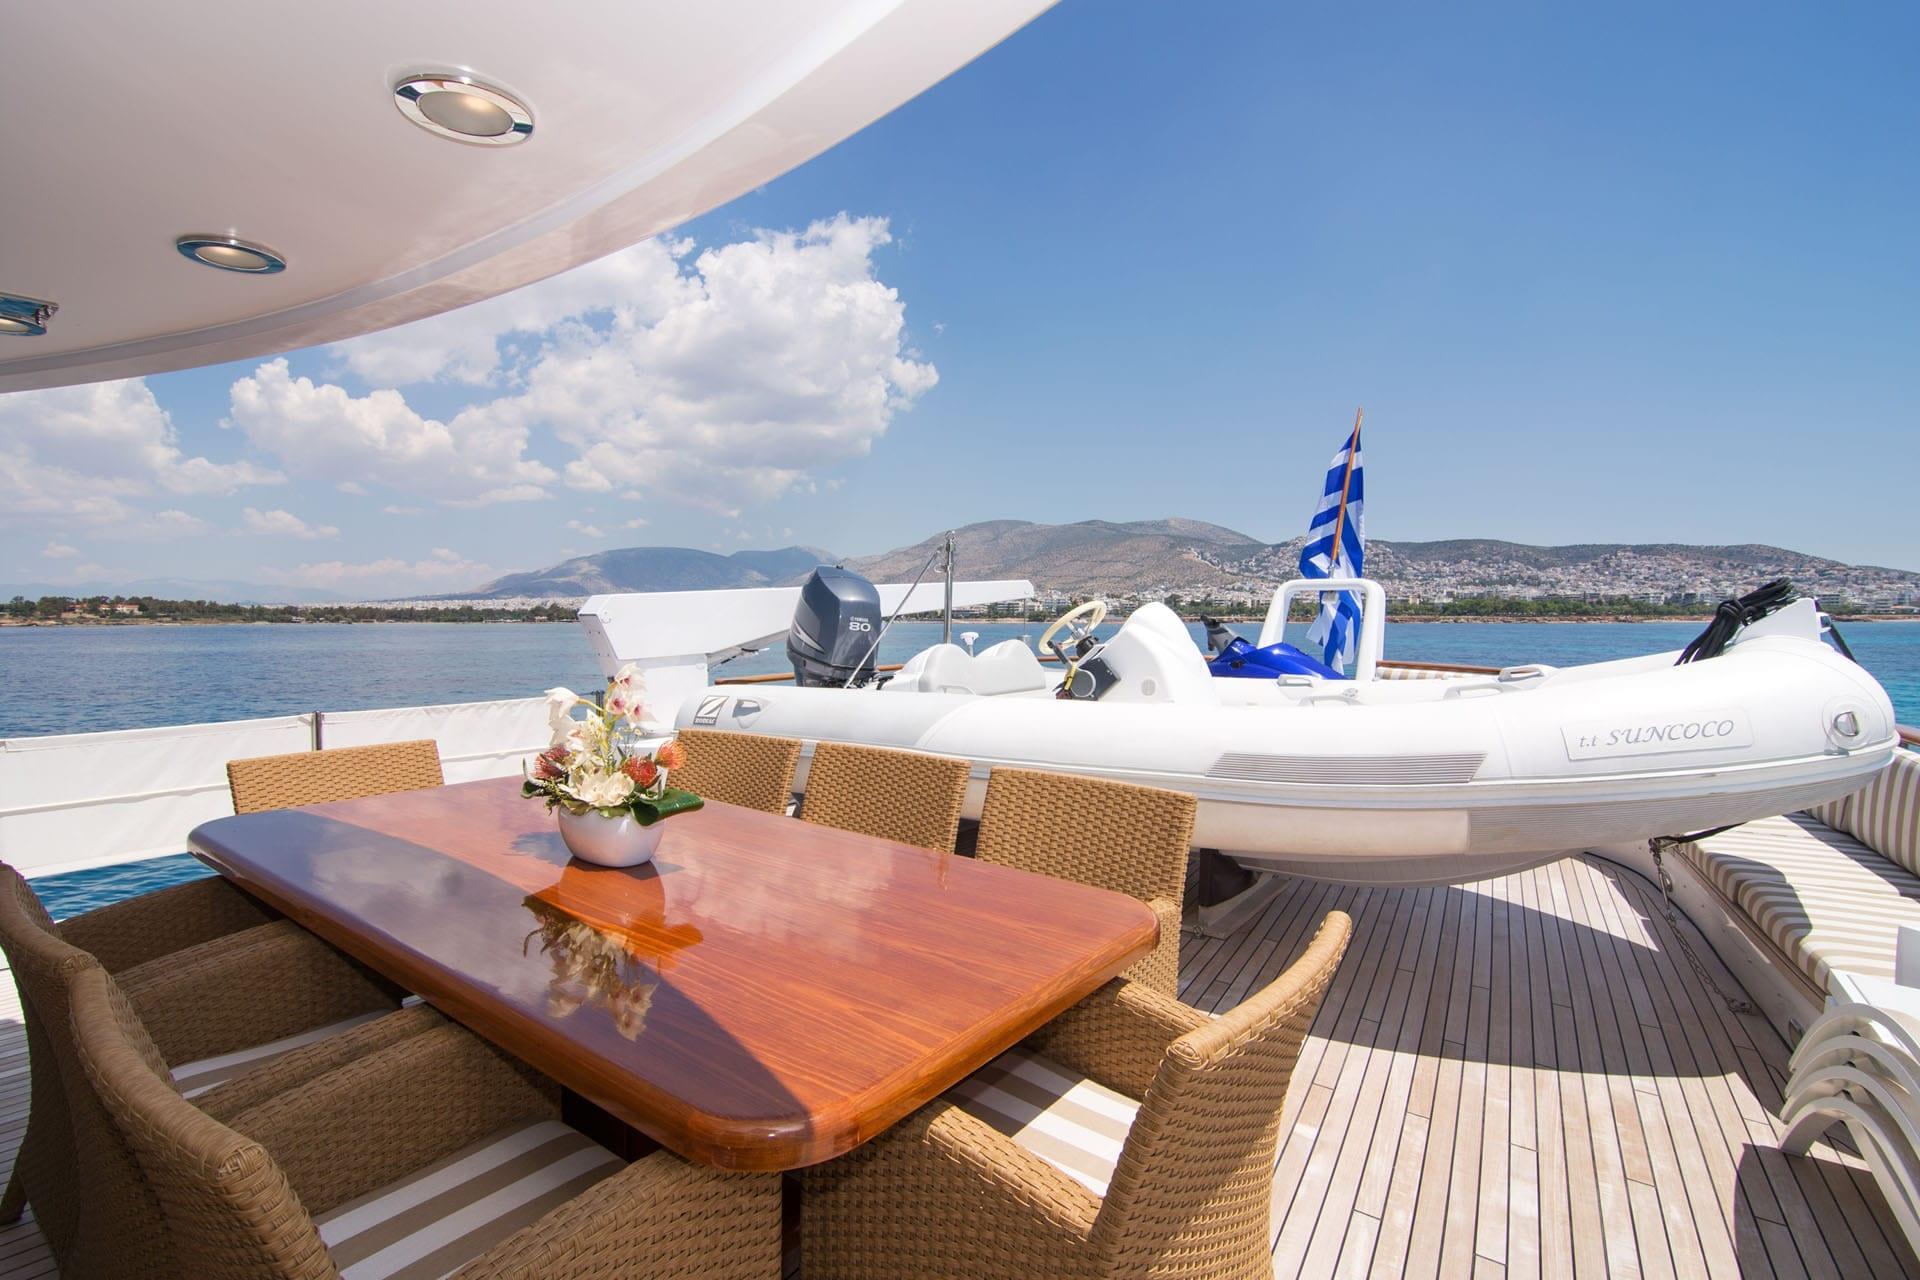 Suncoco-motor-yacht-sundeck-table (2)-min